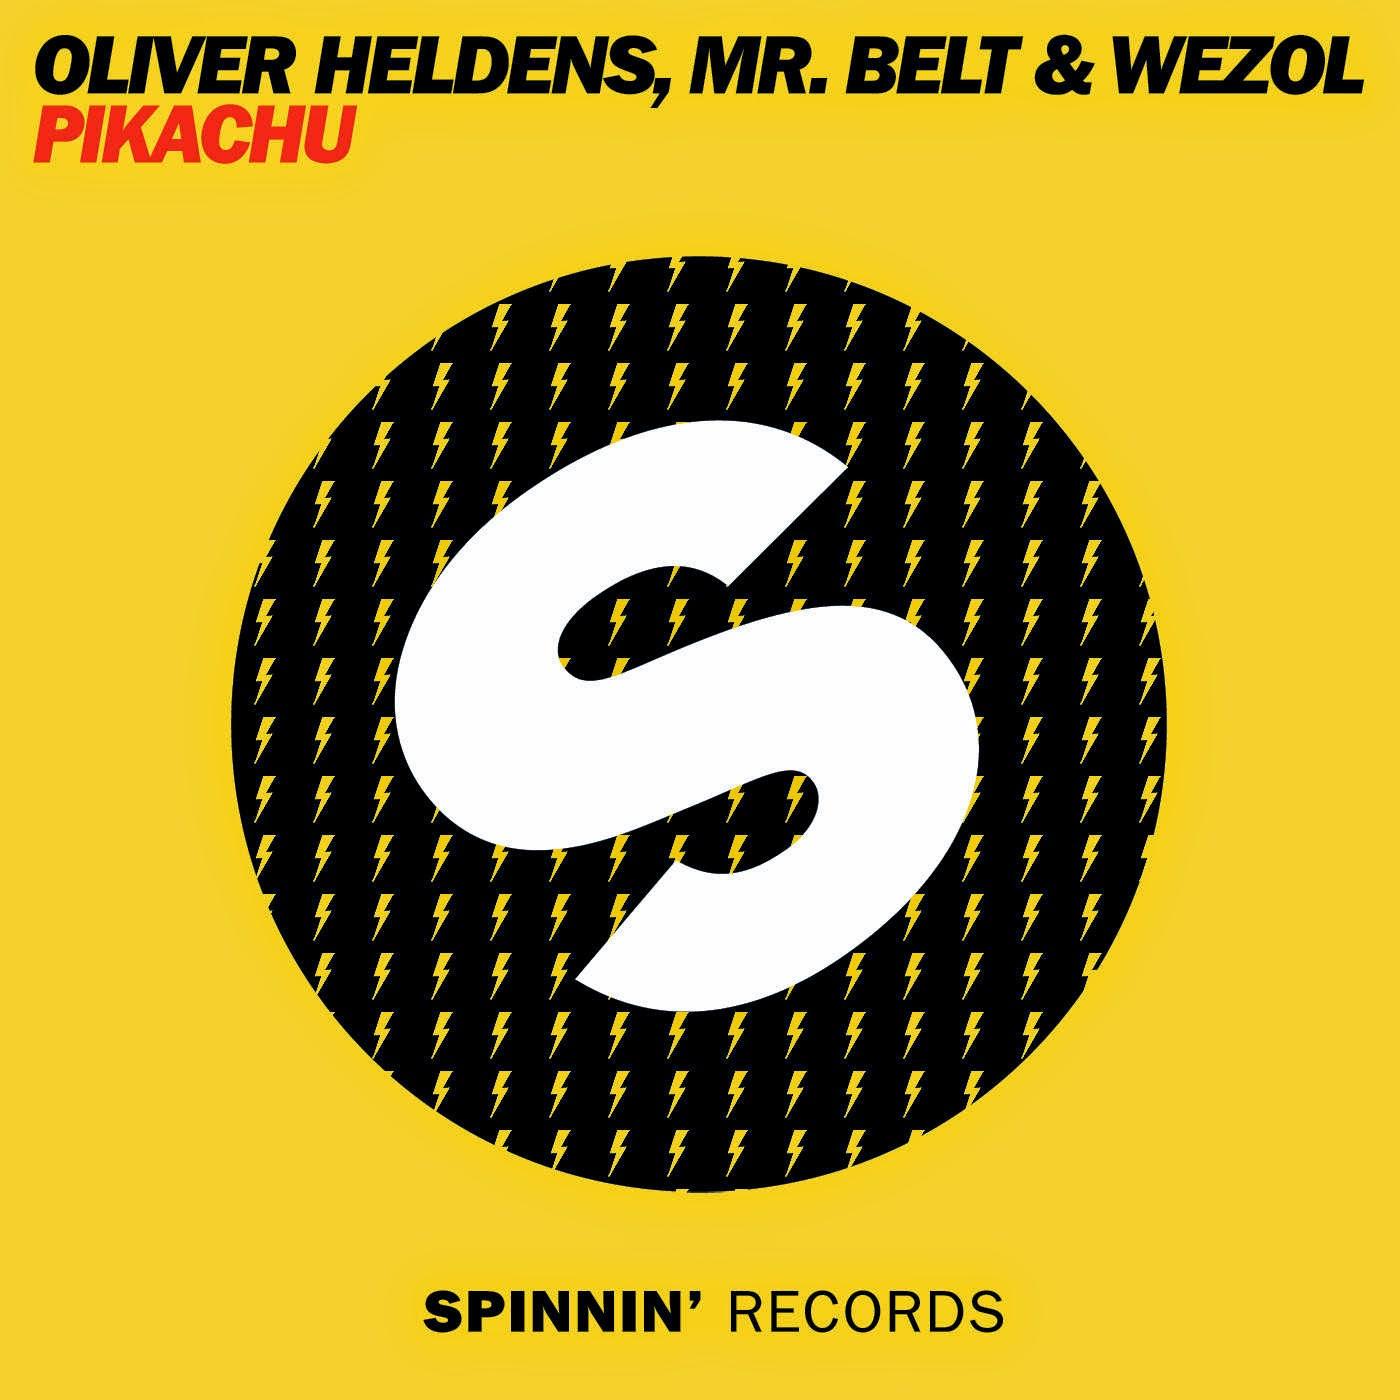 Oliver Heldens & Mr Belt & Wezol - Pikachu - Single